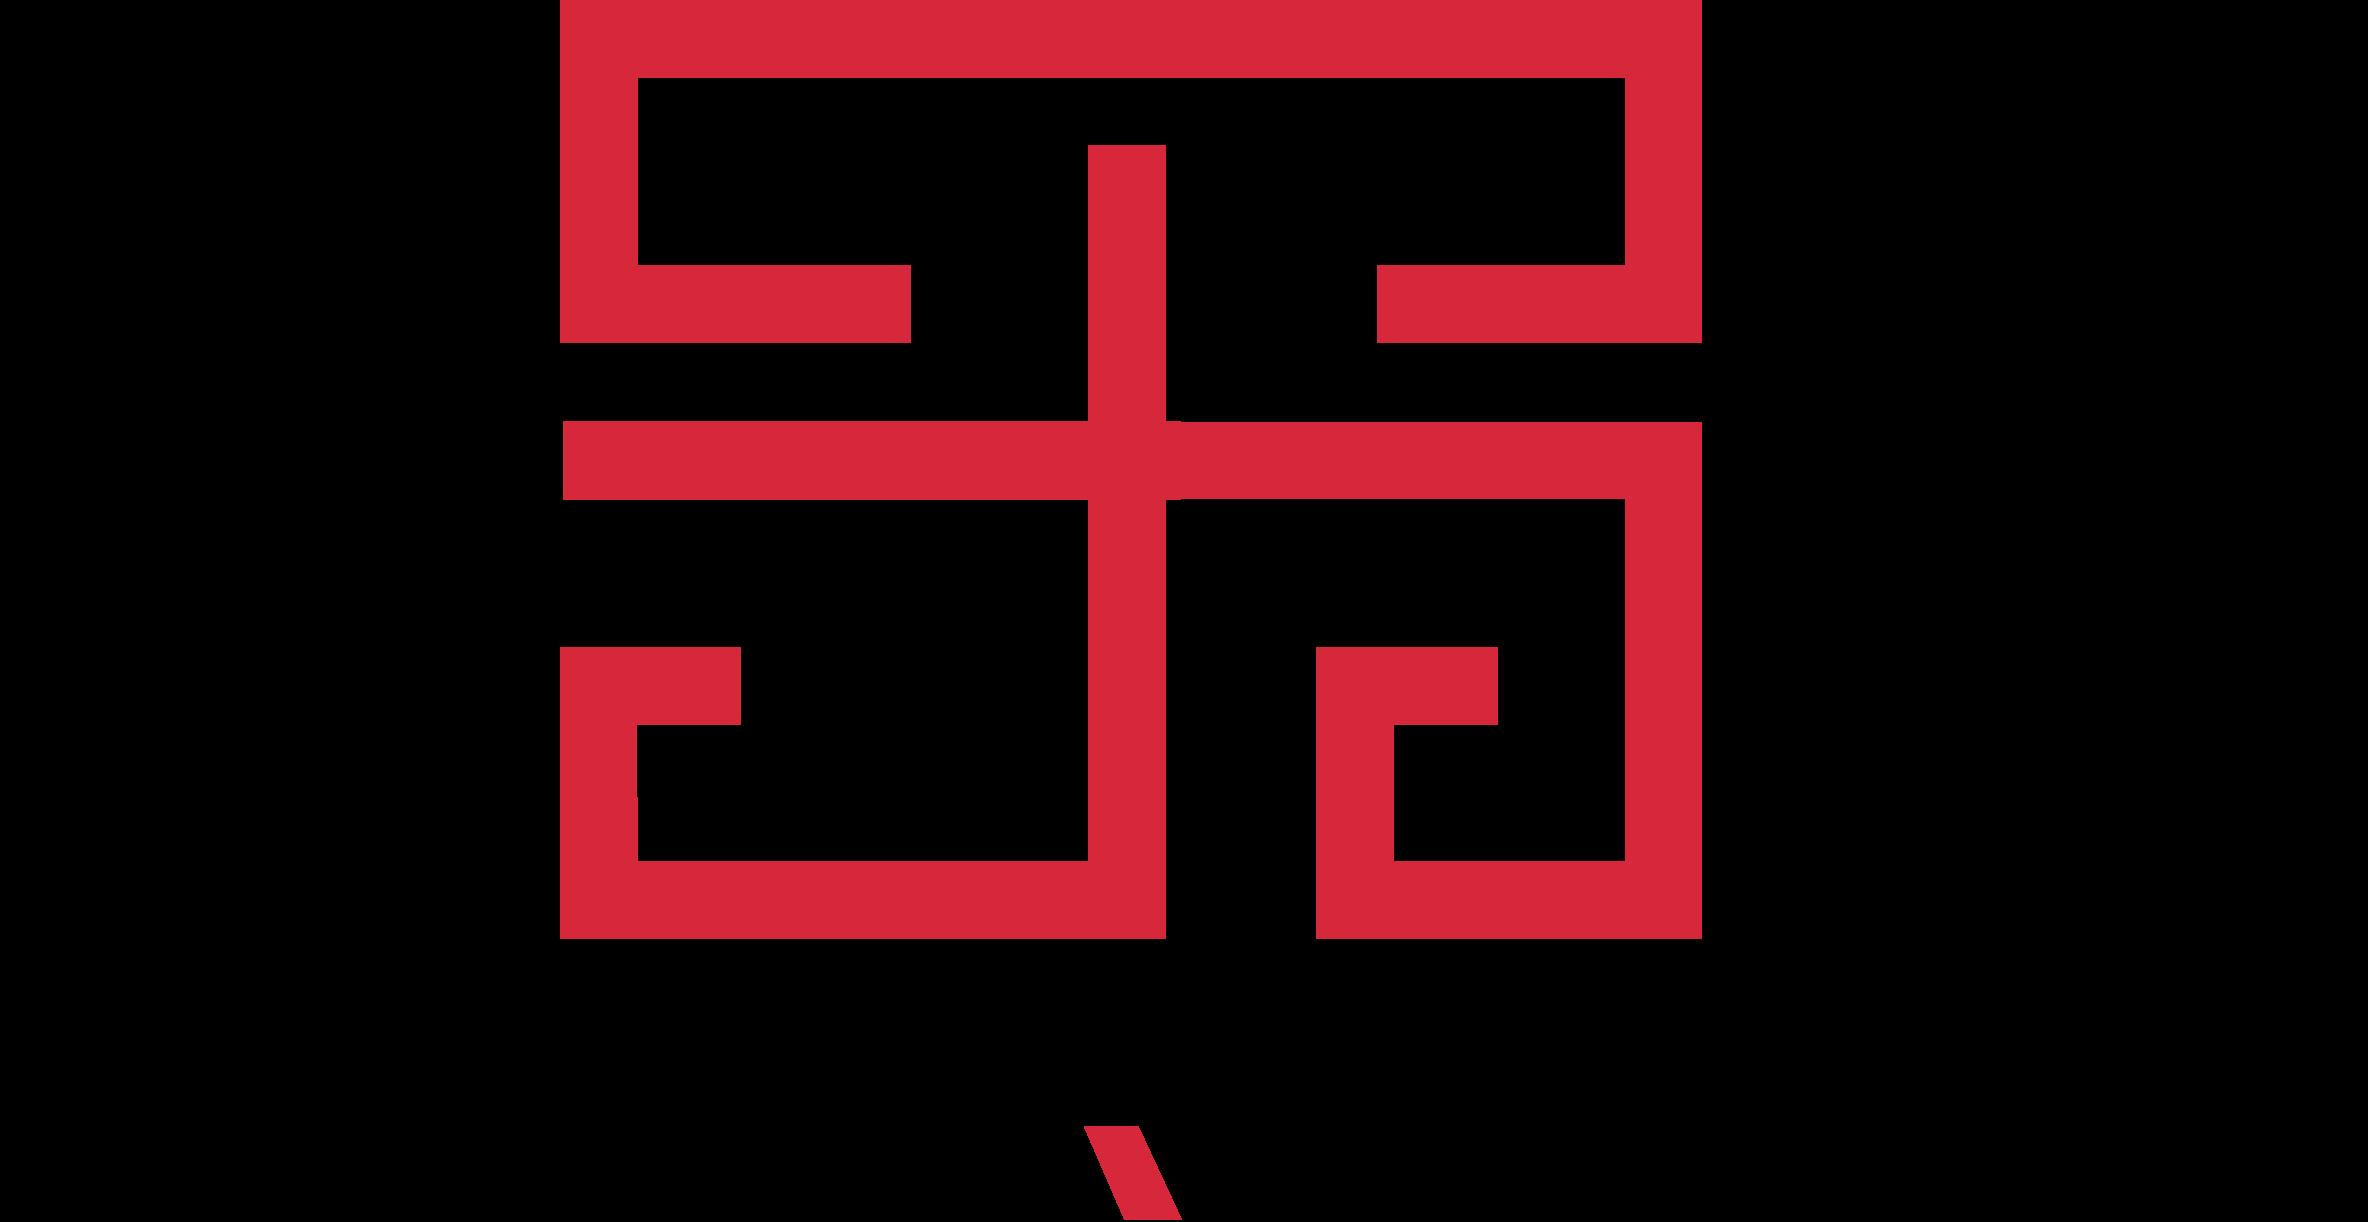 深圳万游青云电子商务有限公司日本站亚马逊运营日企招聘信息